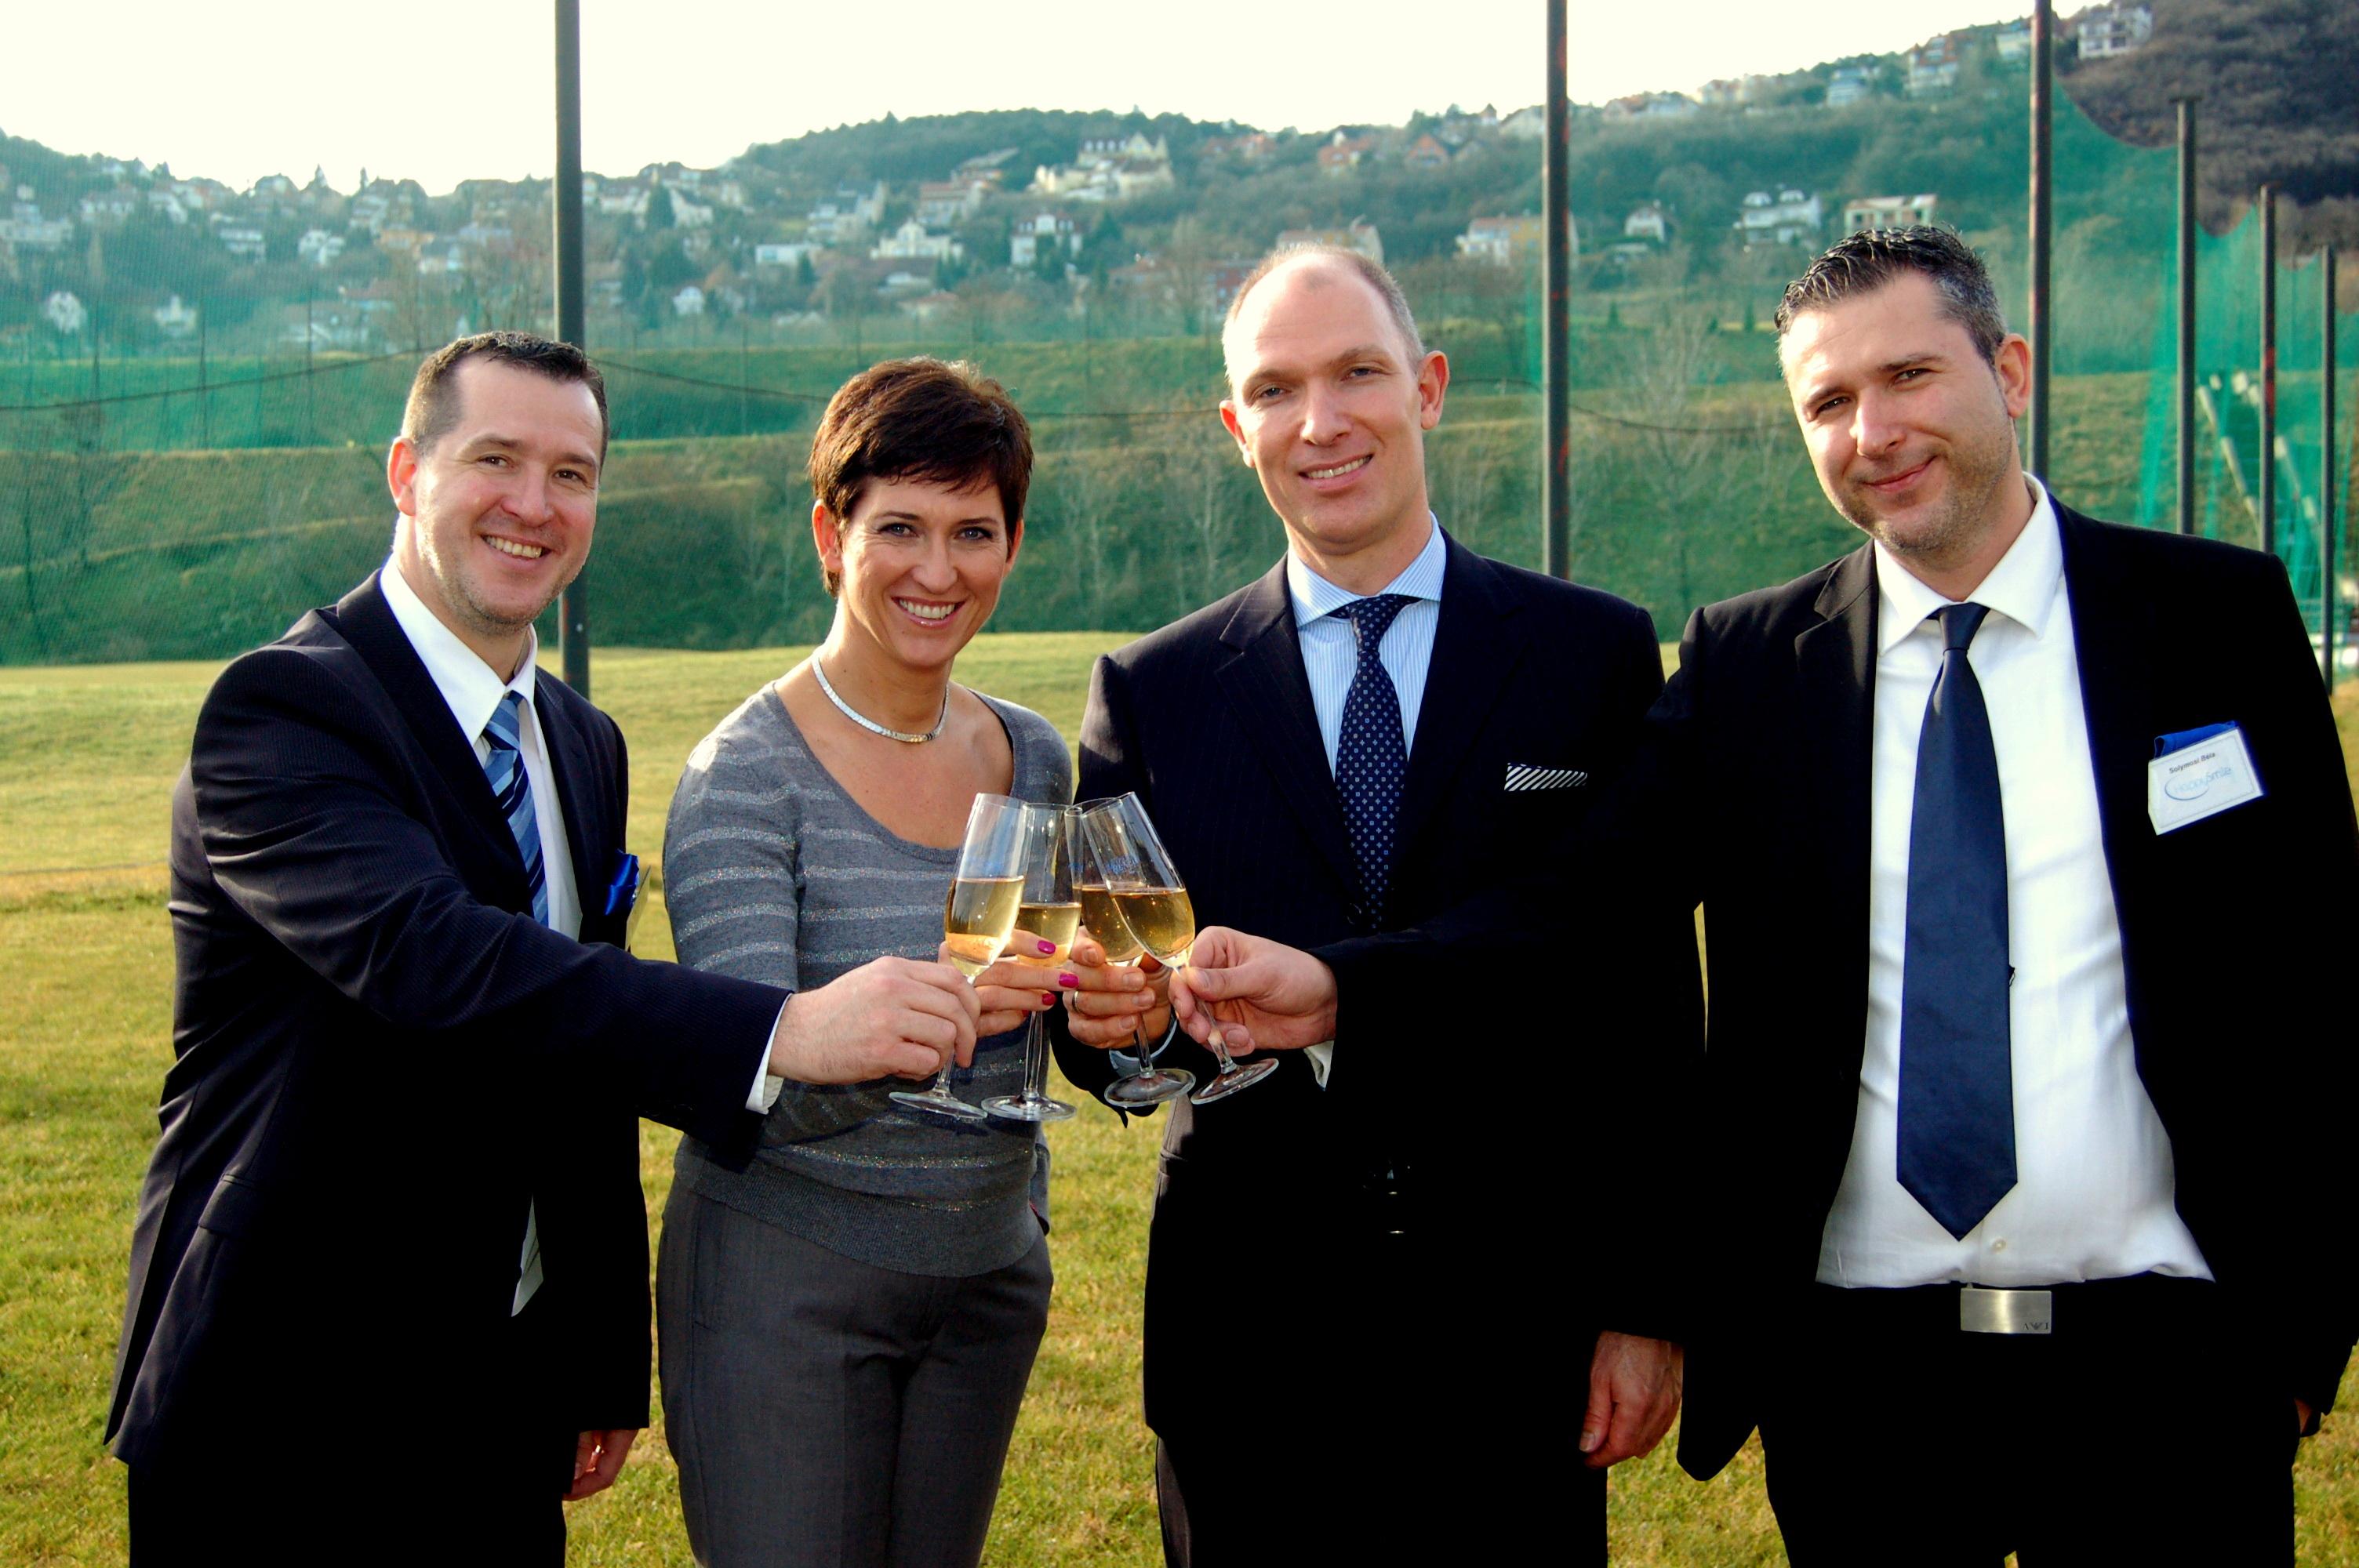 Balról: Langmár Zsolt laborvezető, dr. Borsos Gabriella Phd, dr. Csiki Péter MSc, Solymosi Béla kereskedelmi vezető.